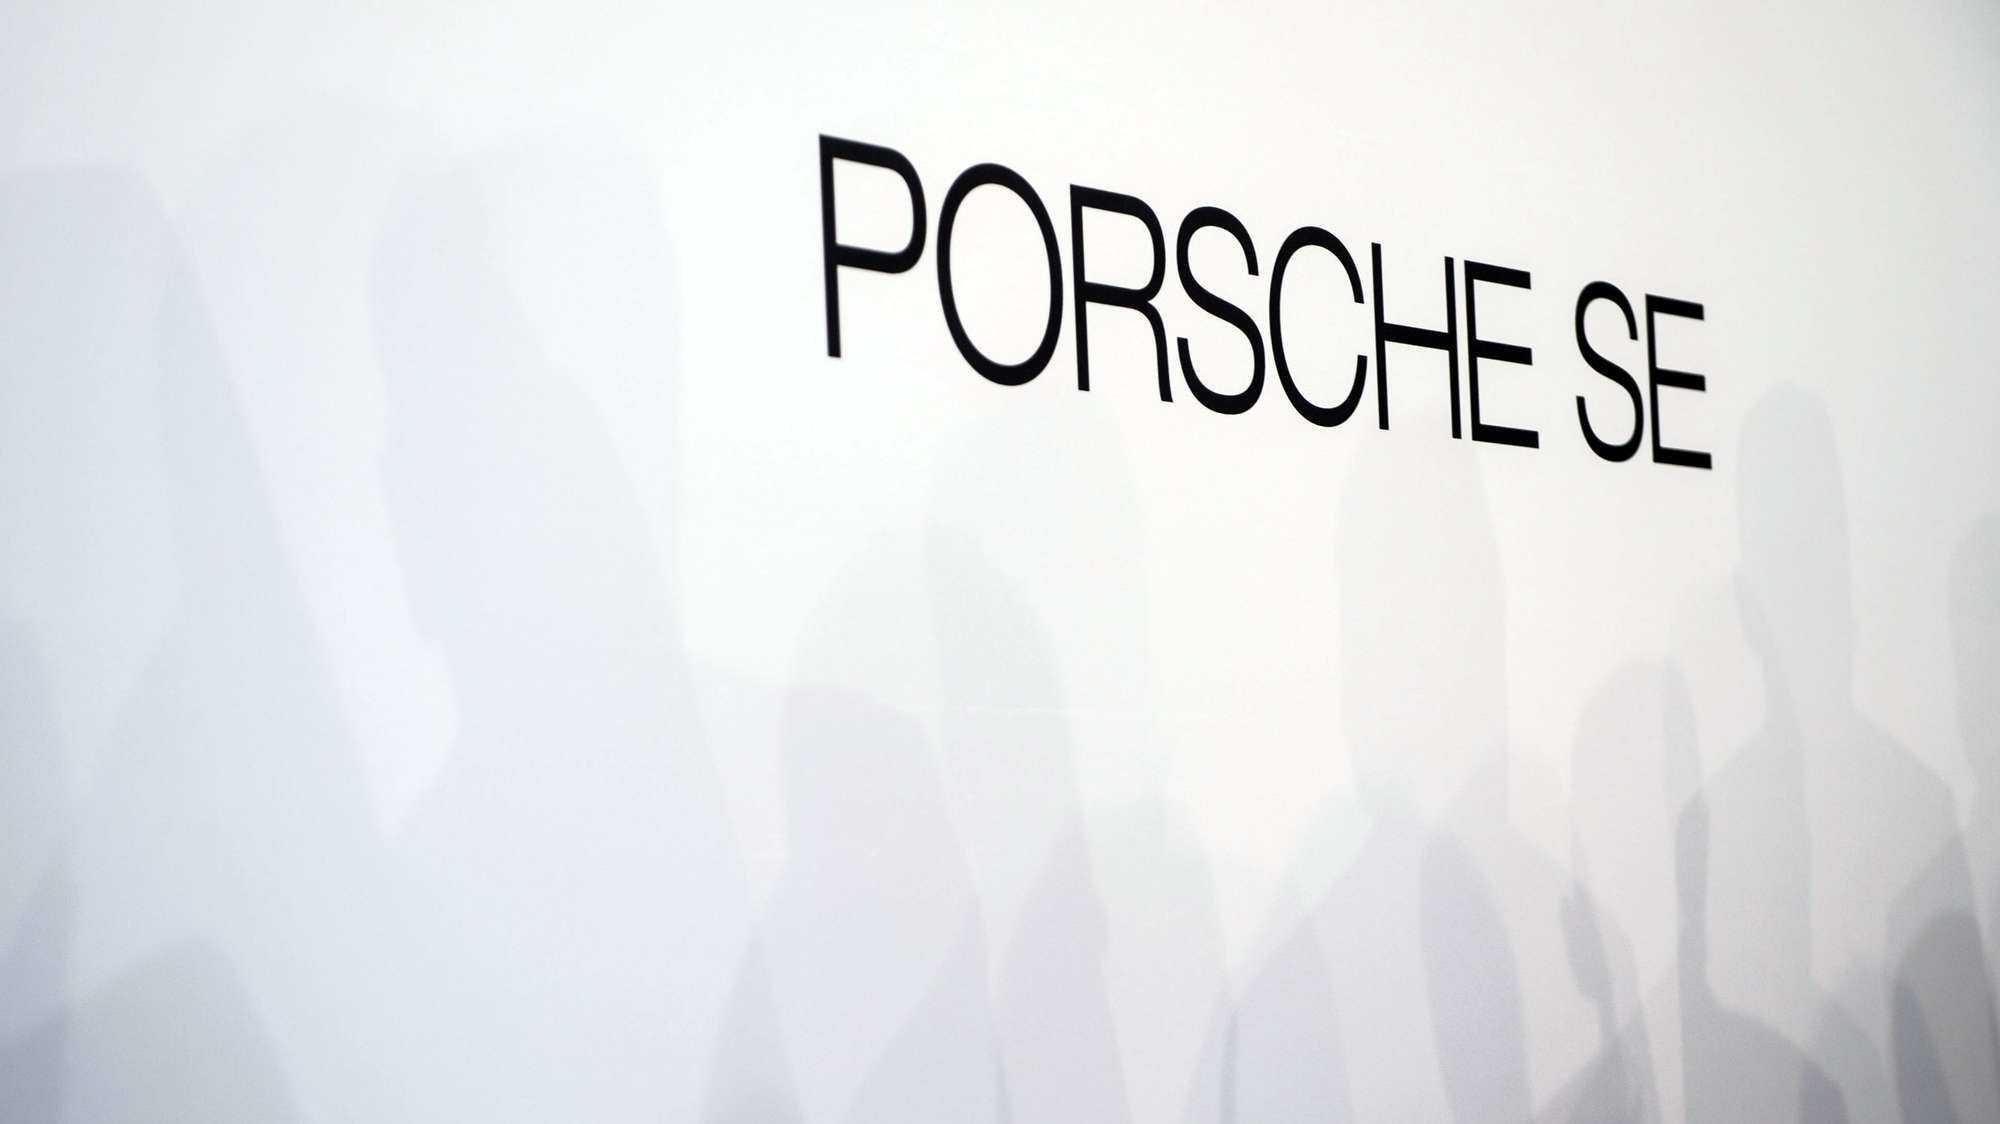 Abgasskandal: Porsche SE muss 47 Millionen Euro Schadenersatz zahlen